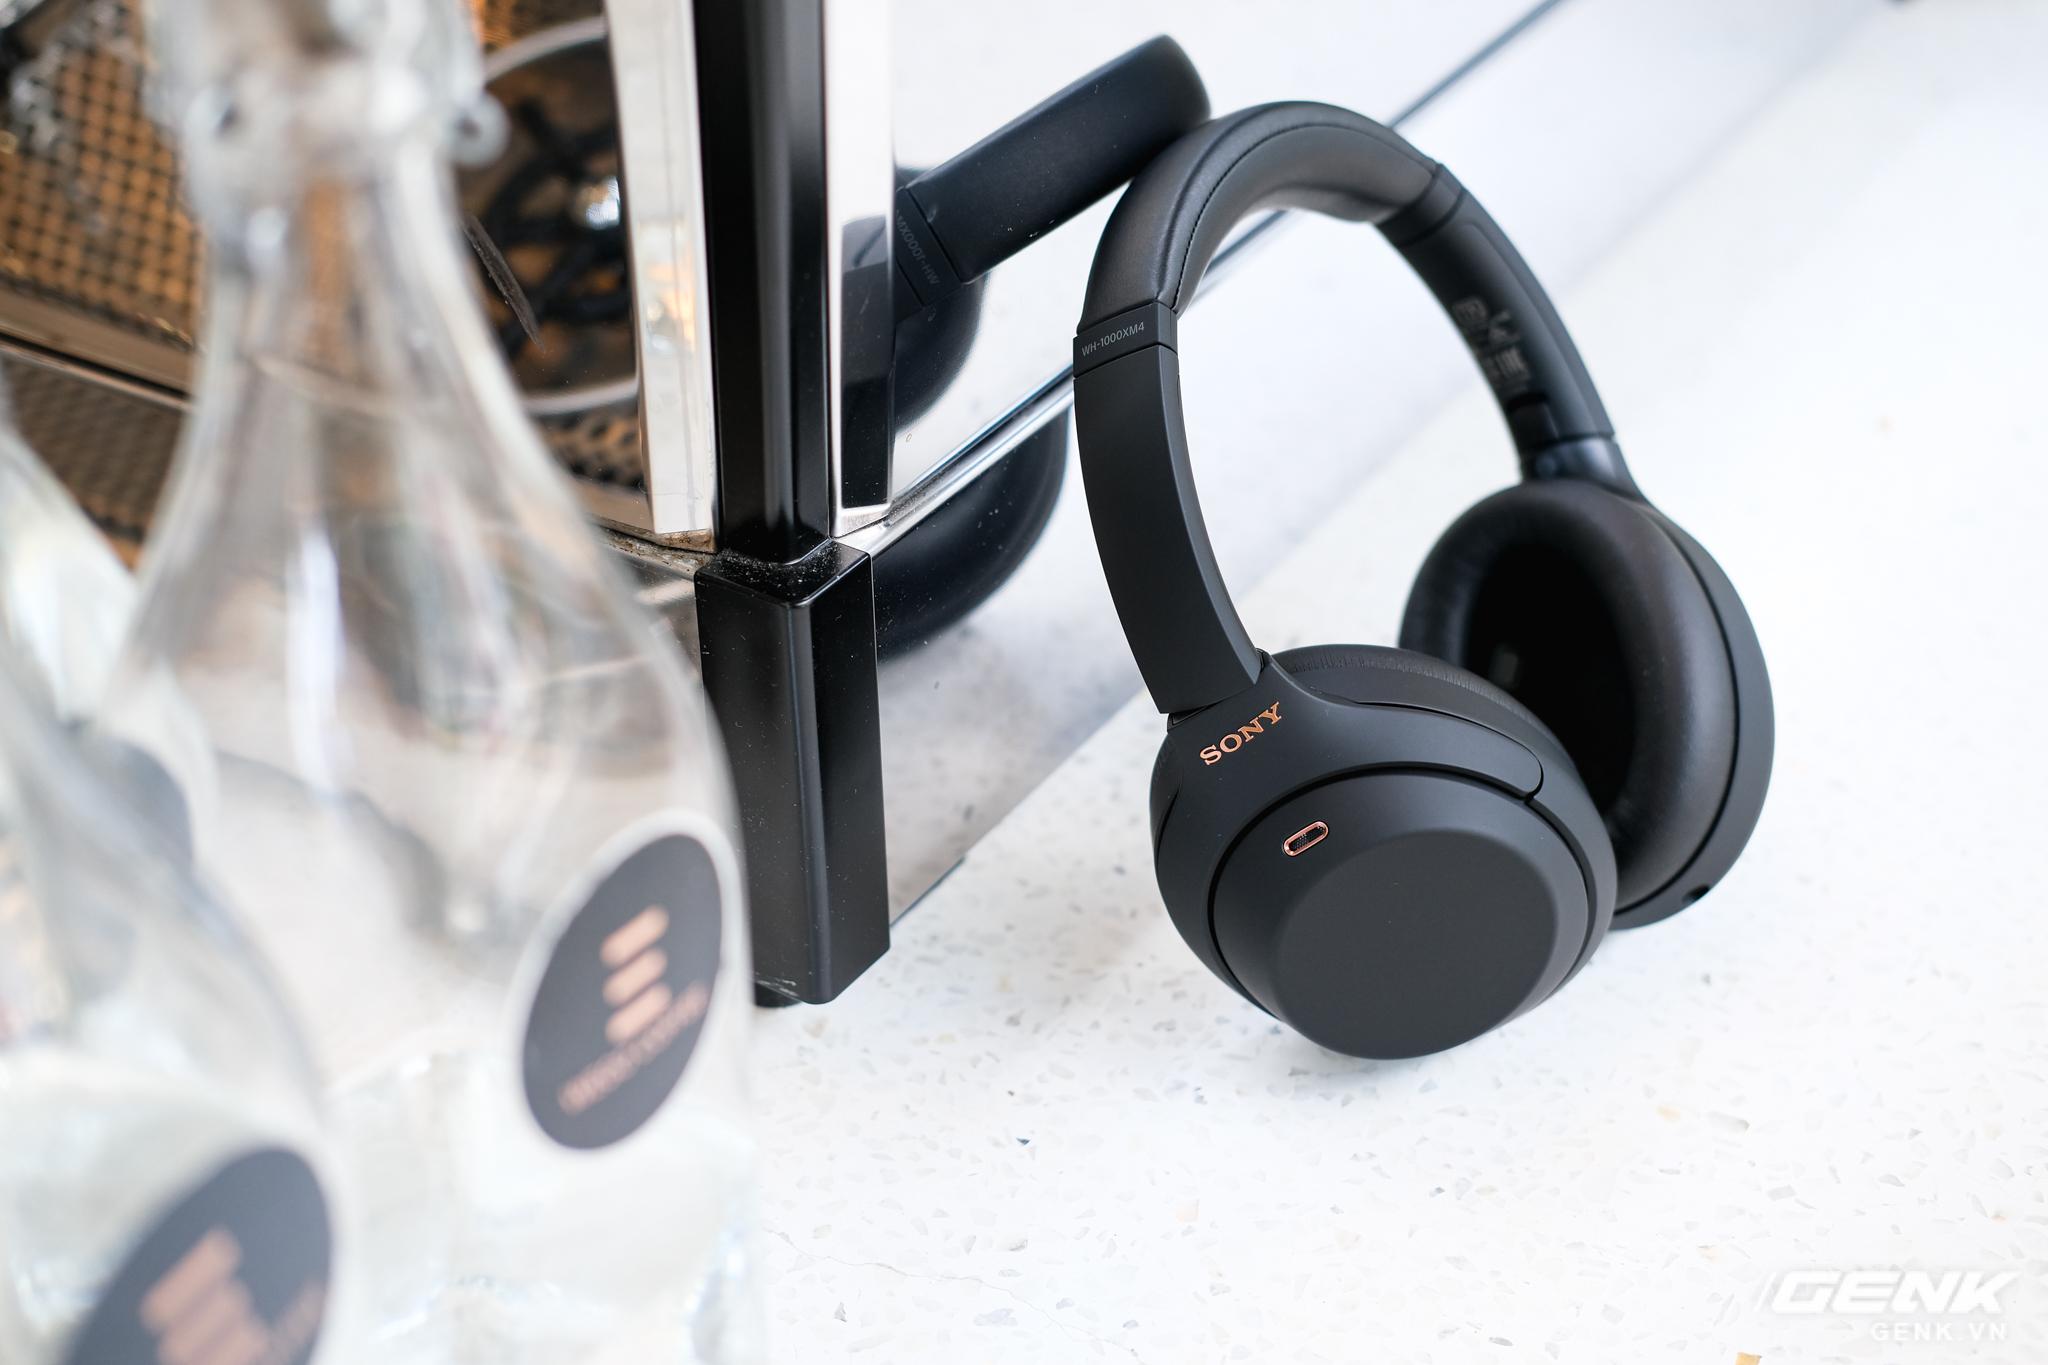 Trên tay tai nghe Sony WH-1000XM4: Ngoại hình không thay đổi, kết nối 1 lúc 2 thiết bị, nâng cấp chống ồn, giá 8,49 triệu đồng - Ảnh 10.